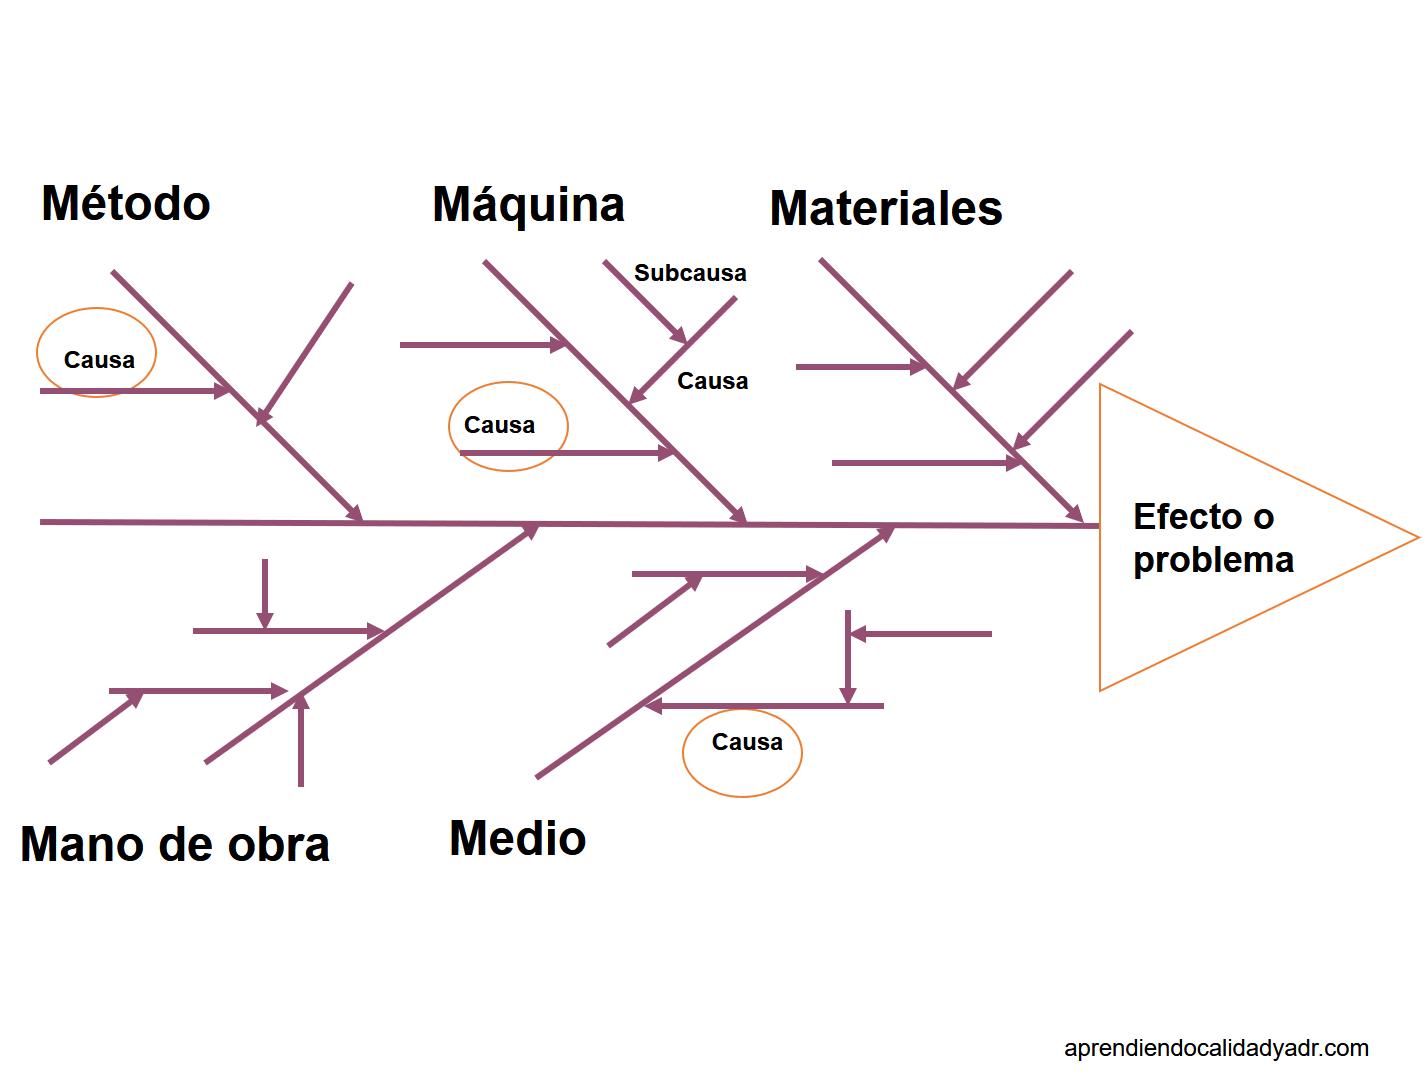 el diagrama causa efecto calidad y adr Diagrama De Ishikawa Pesca Do diagrama causa efecto